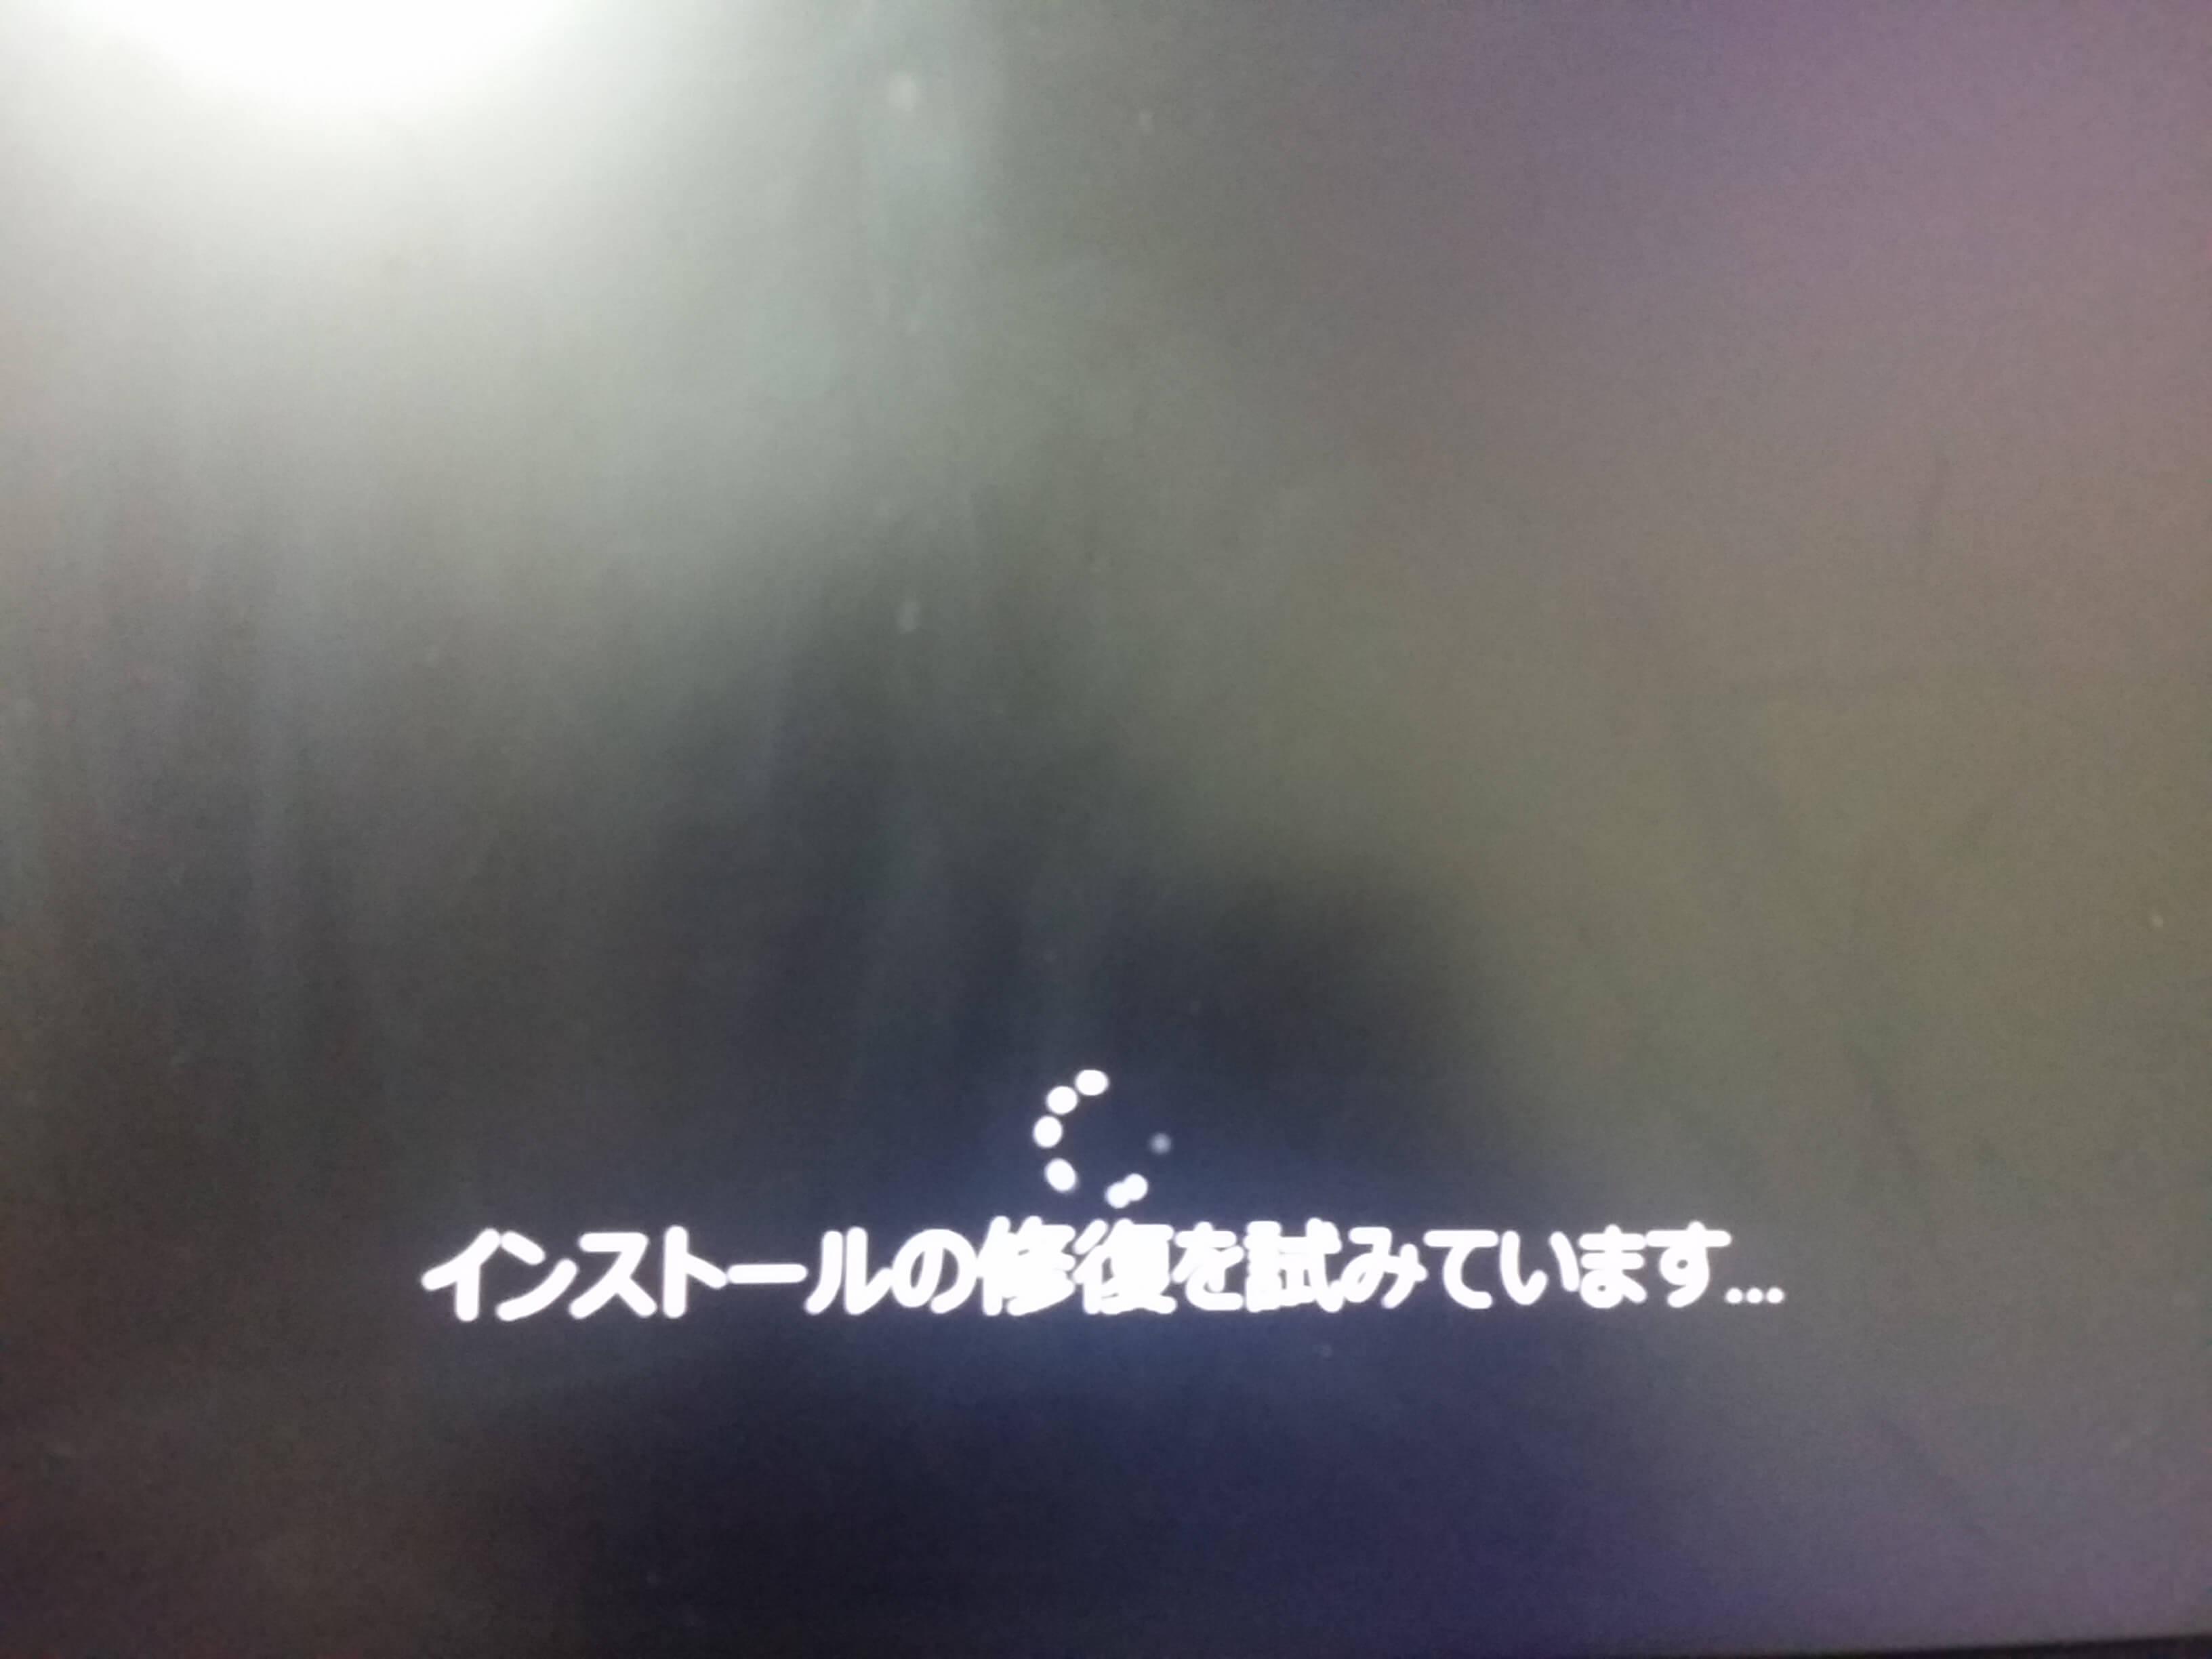 アップデート 終わら ない windows10